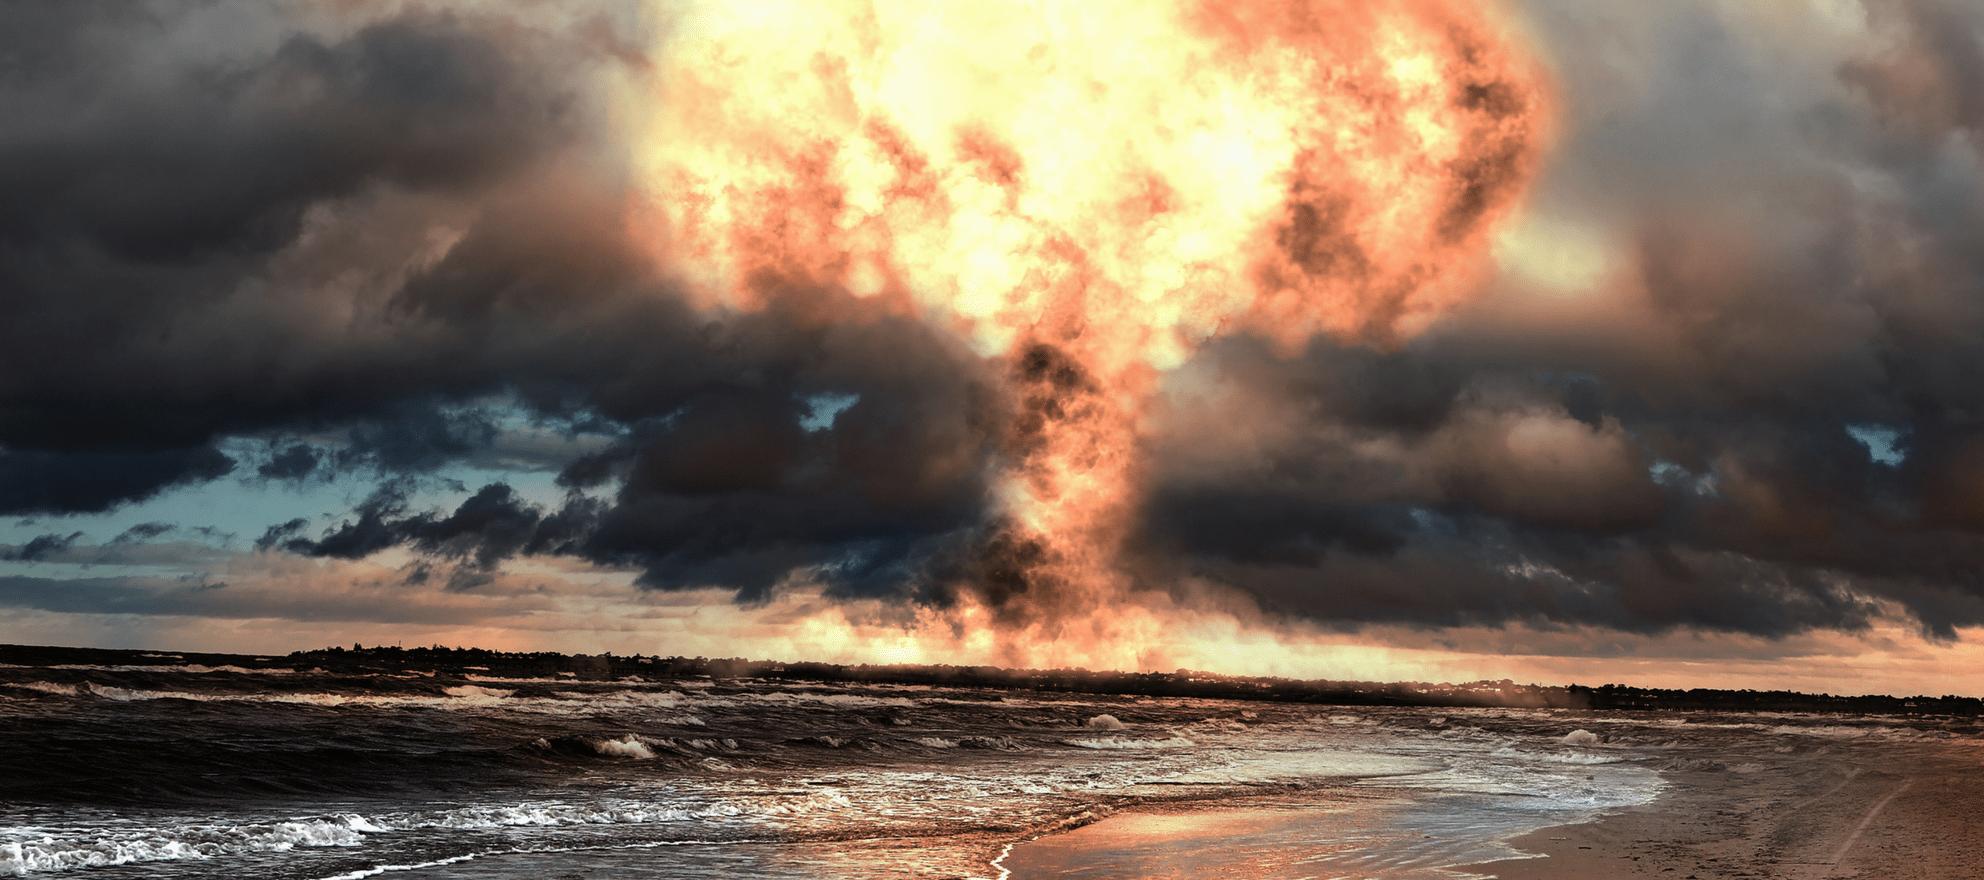 nuclear apocalypse